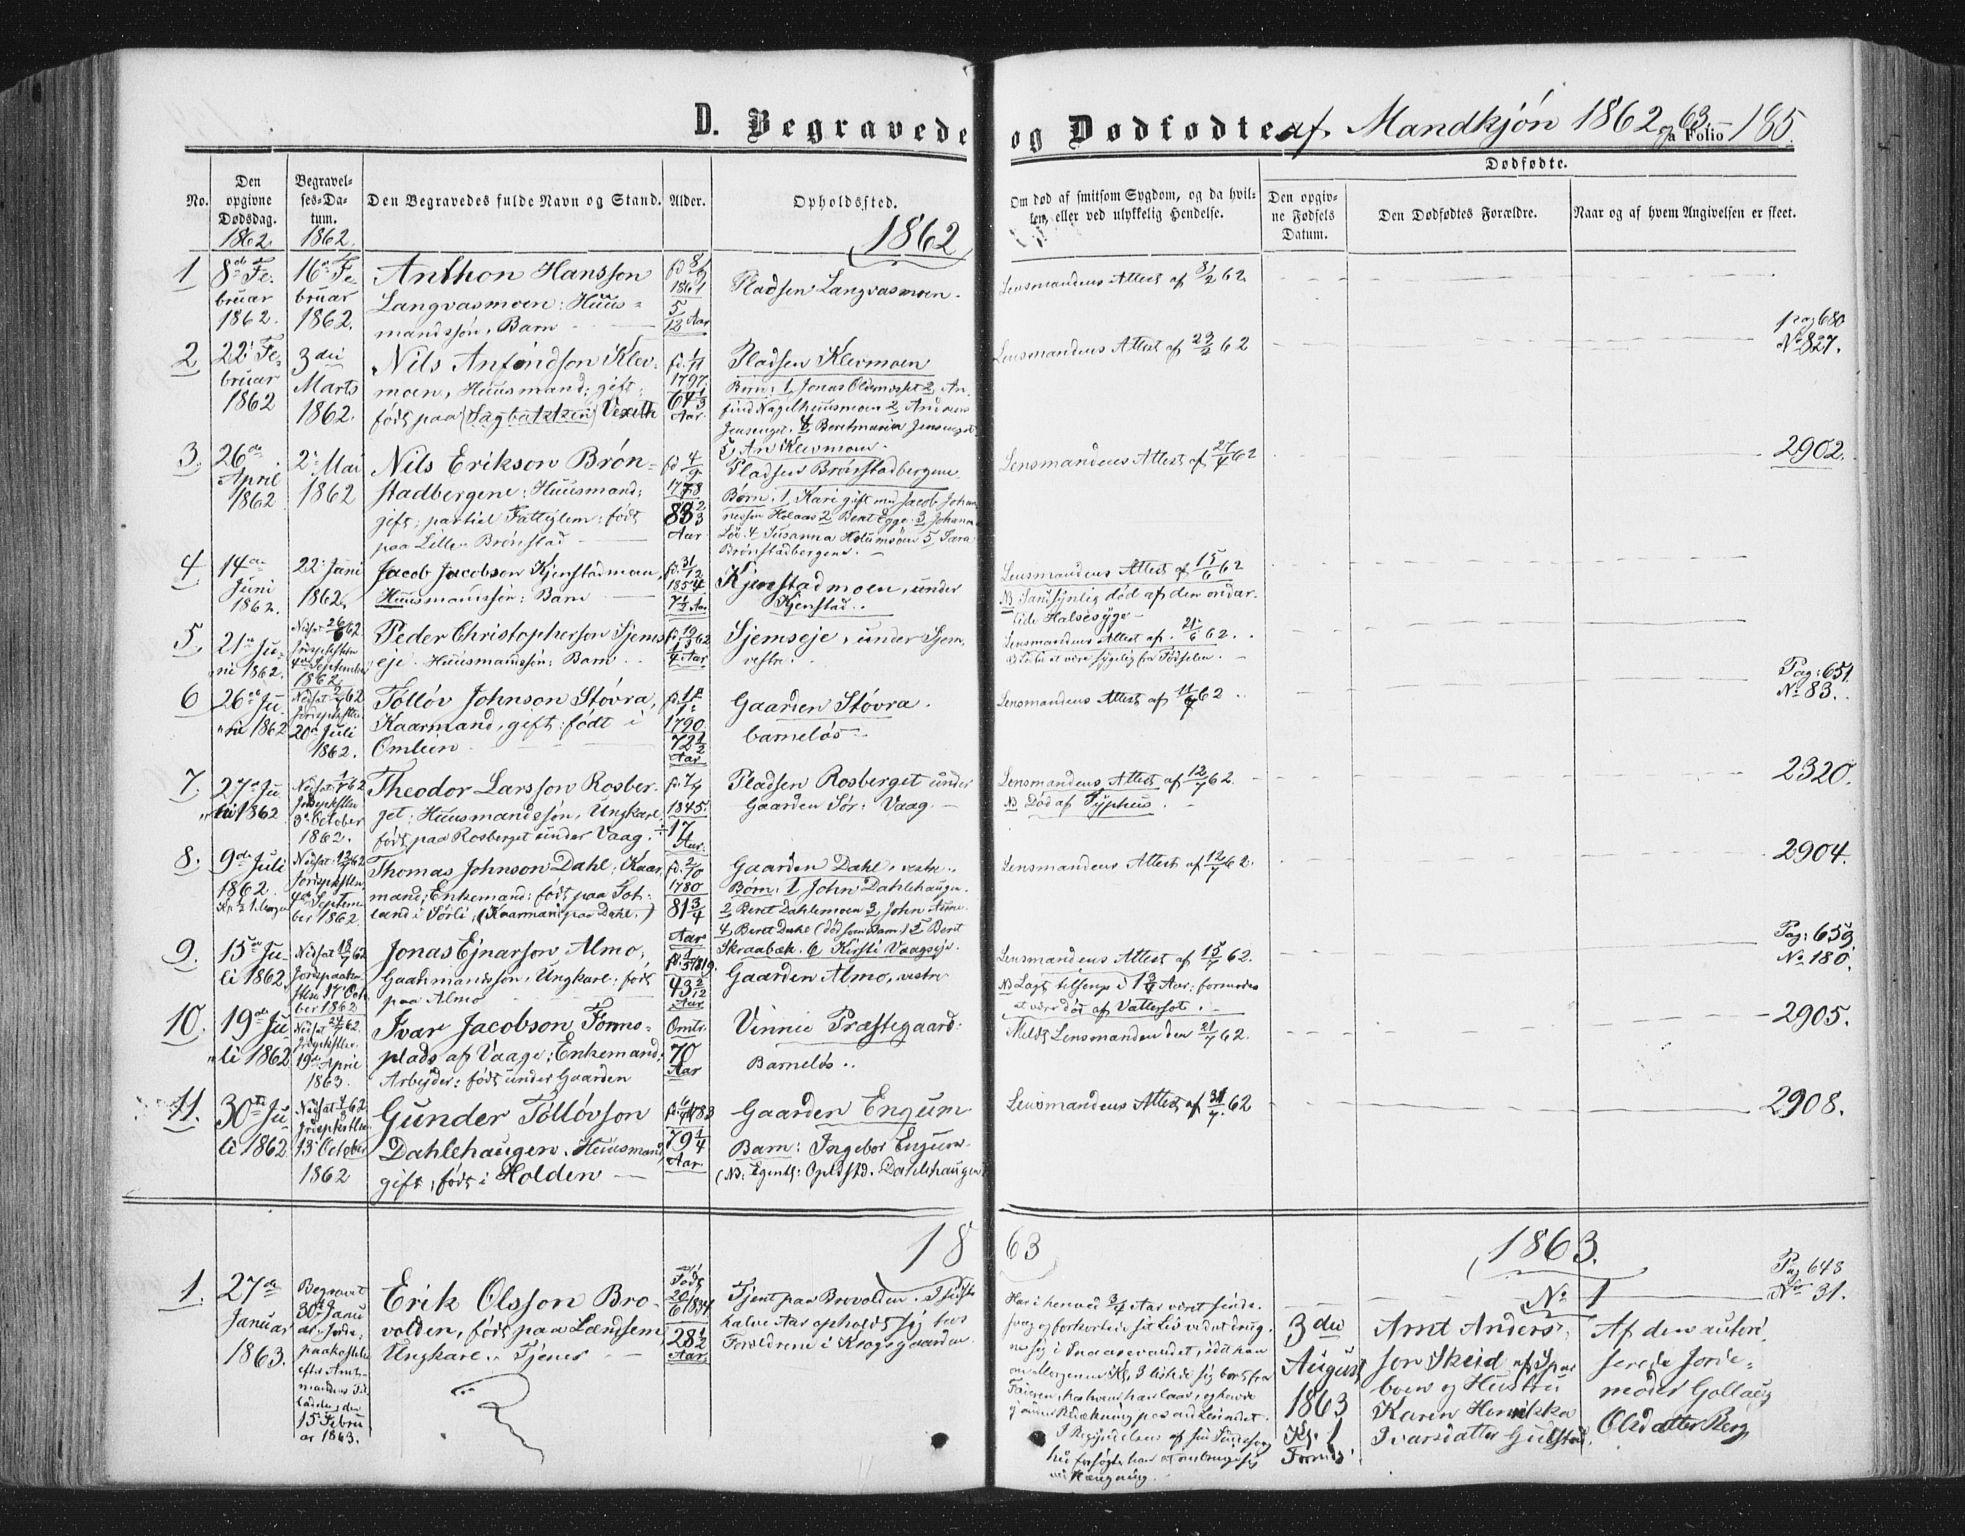 SAT, Ministerialprotokoller, klokkerbøker og fødselsregistre - Nord-Trøndelag, 749/L0472: Ministerialbok nr. 749A06, 1857-1873, s. 185